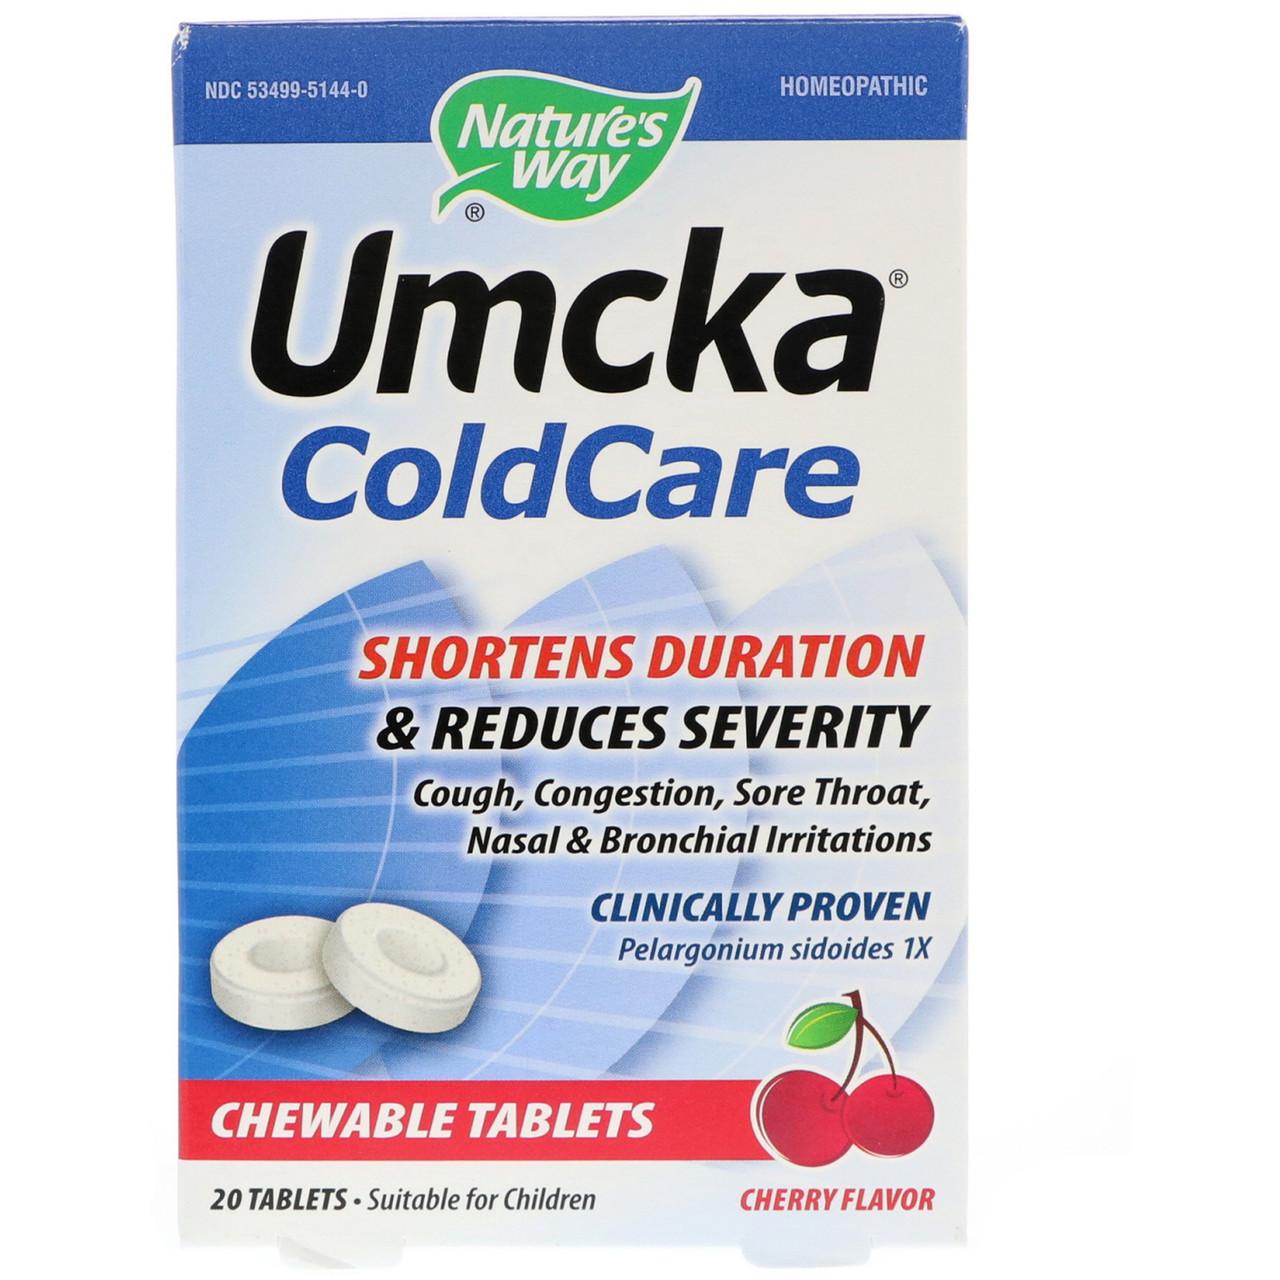 Natures Way, Жевательные таблетки Umcka ColdCare, с ароматом вишни, 20 таблеток